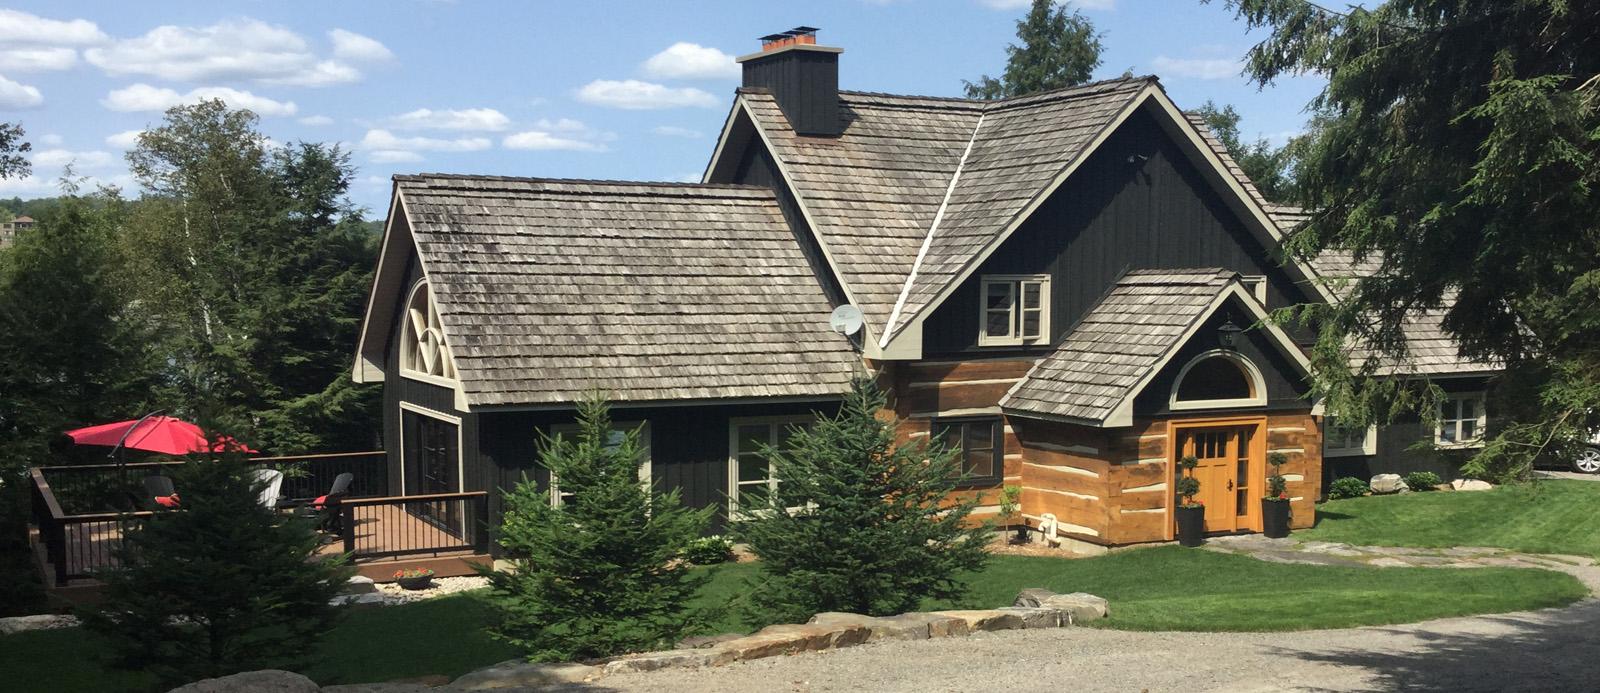 Harvey Kalles Real Estate, Aben Team, Waterfront Cottage, Huntsville Cottage For Sale, Lake of Bays, Lake of Bays Cottage